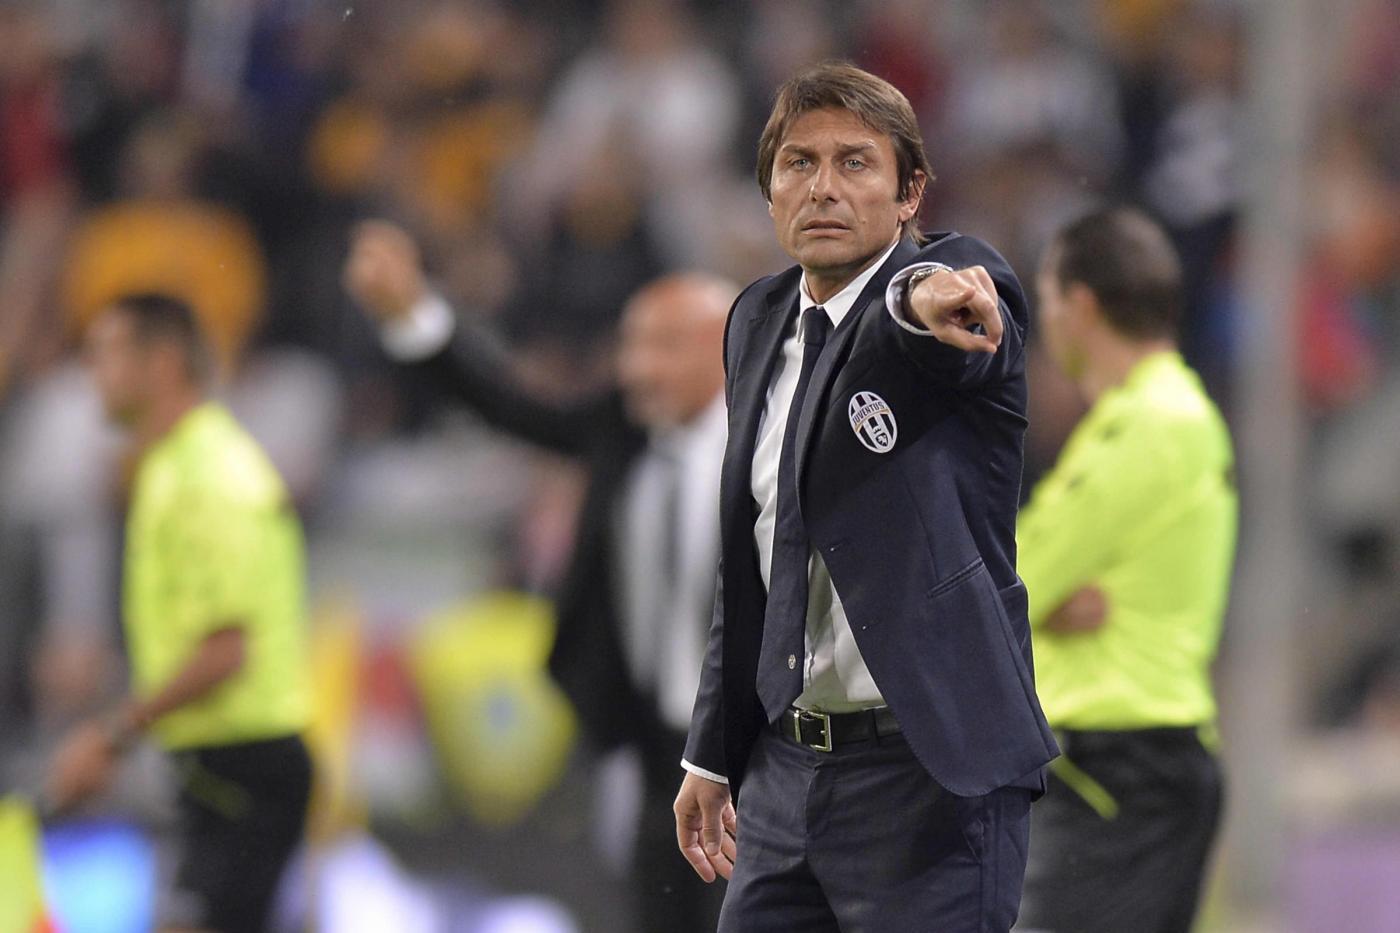 Pagelle Serie A 2013/14: il 36esimo turno